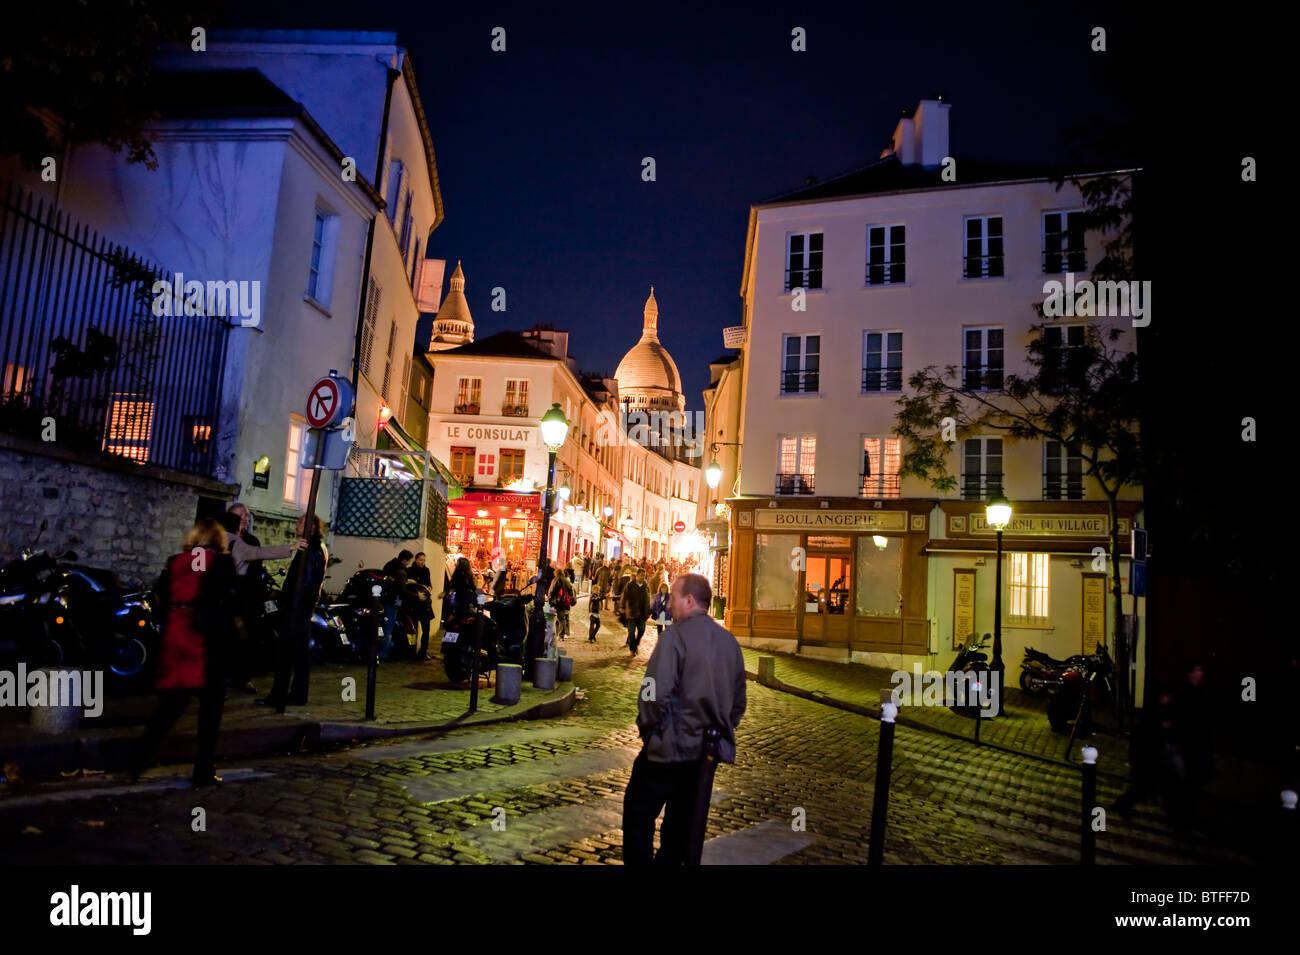 Paris, France, Street Scene, personnes visitant le quartier de Montmartre, quartiers nocturnes Banque D'Images